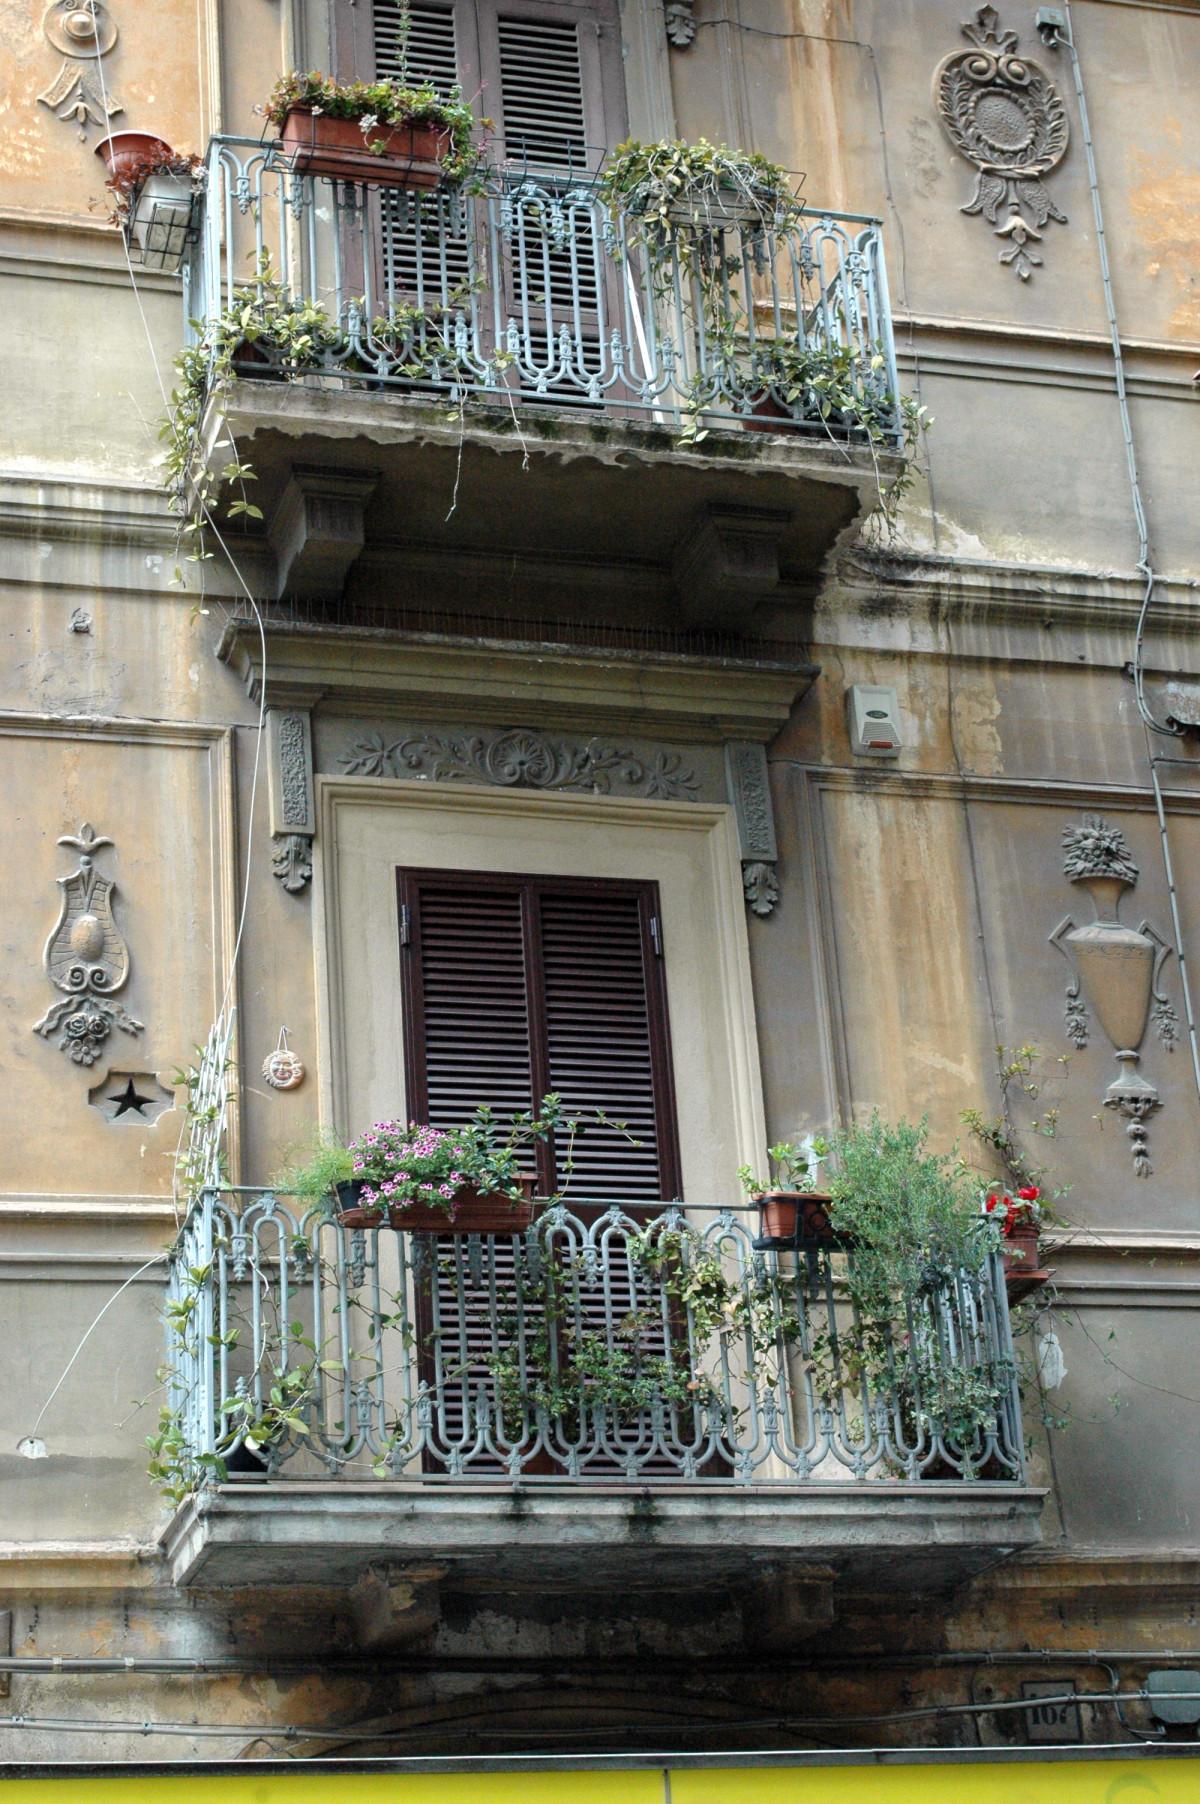 Картинки : архитектура, дорога, улица, окно, балкон, италия,.